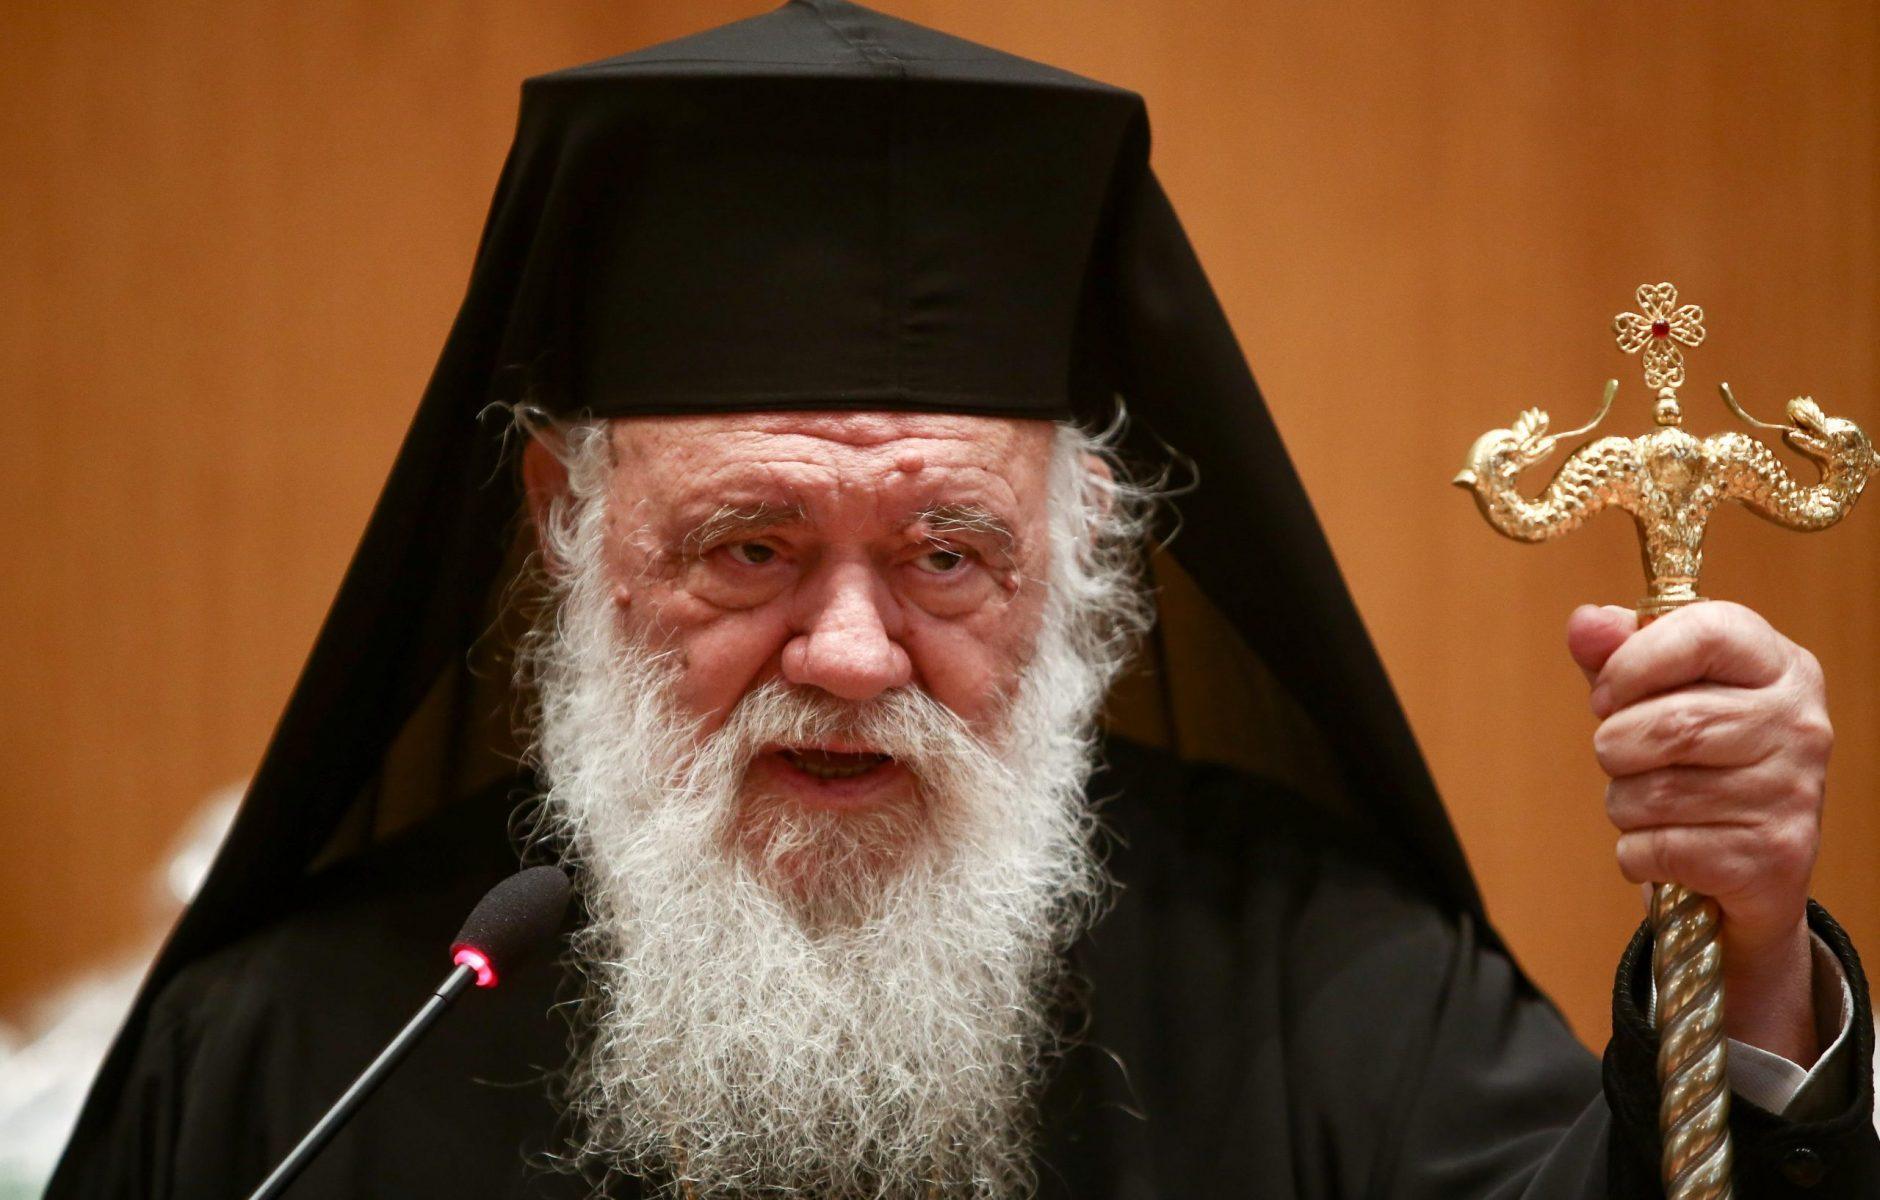 Ιερώνυμος Ανακοινωθέν: Ενημέρωση για την πορεία υγείας του αρχιεπισκόπου